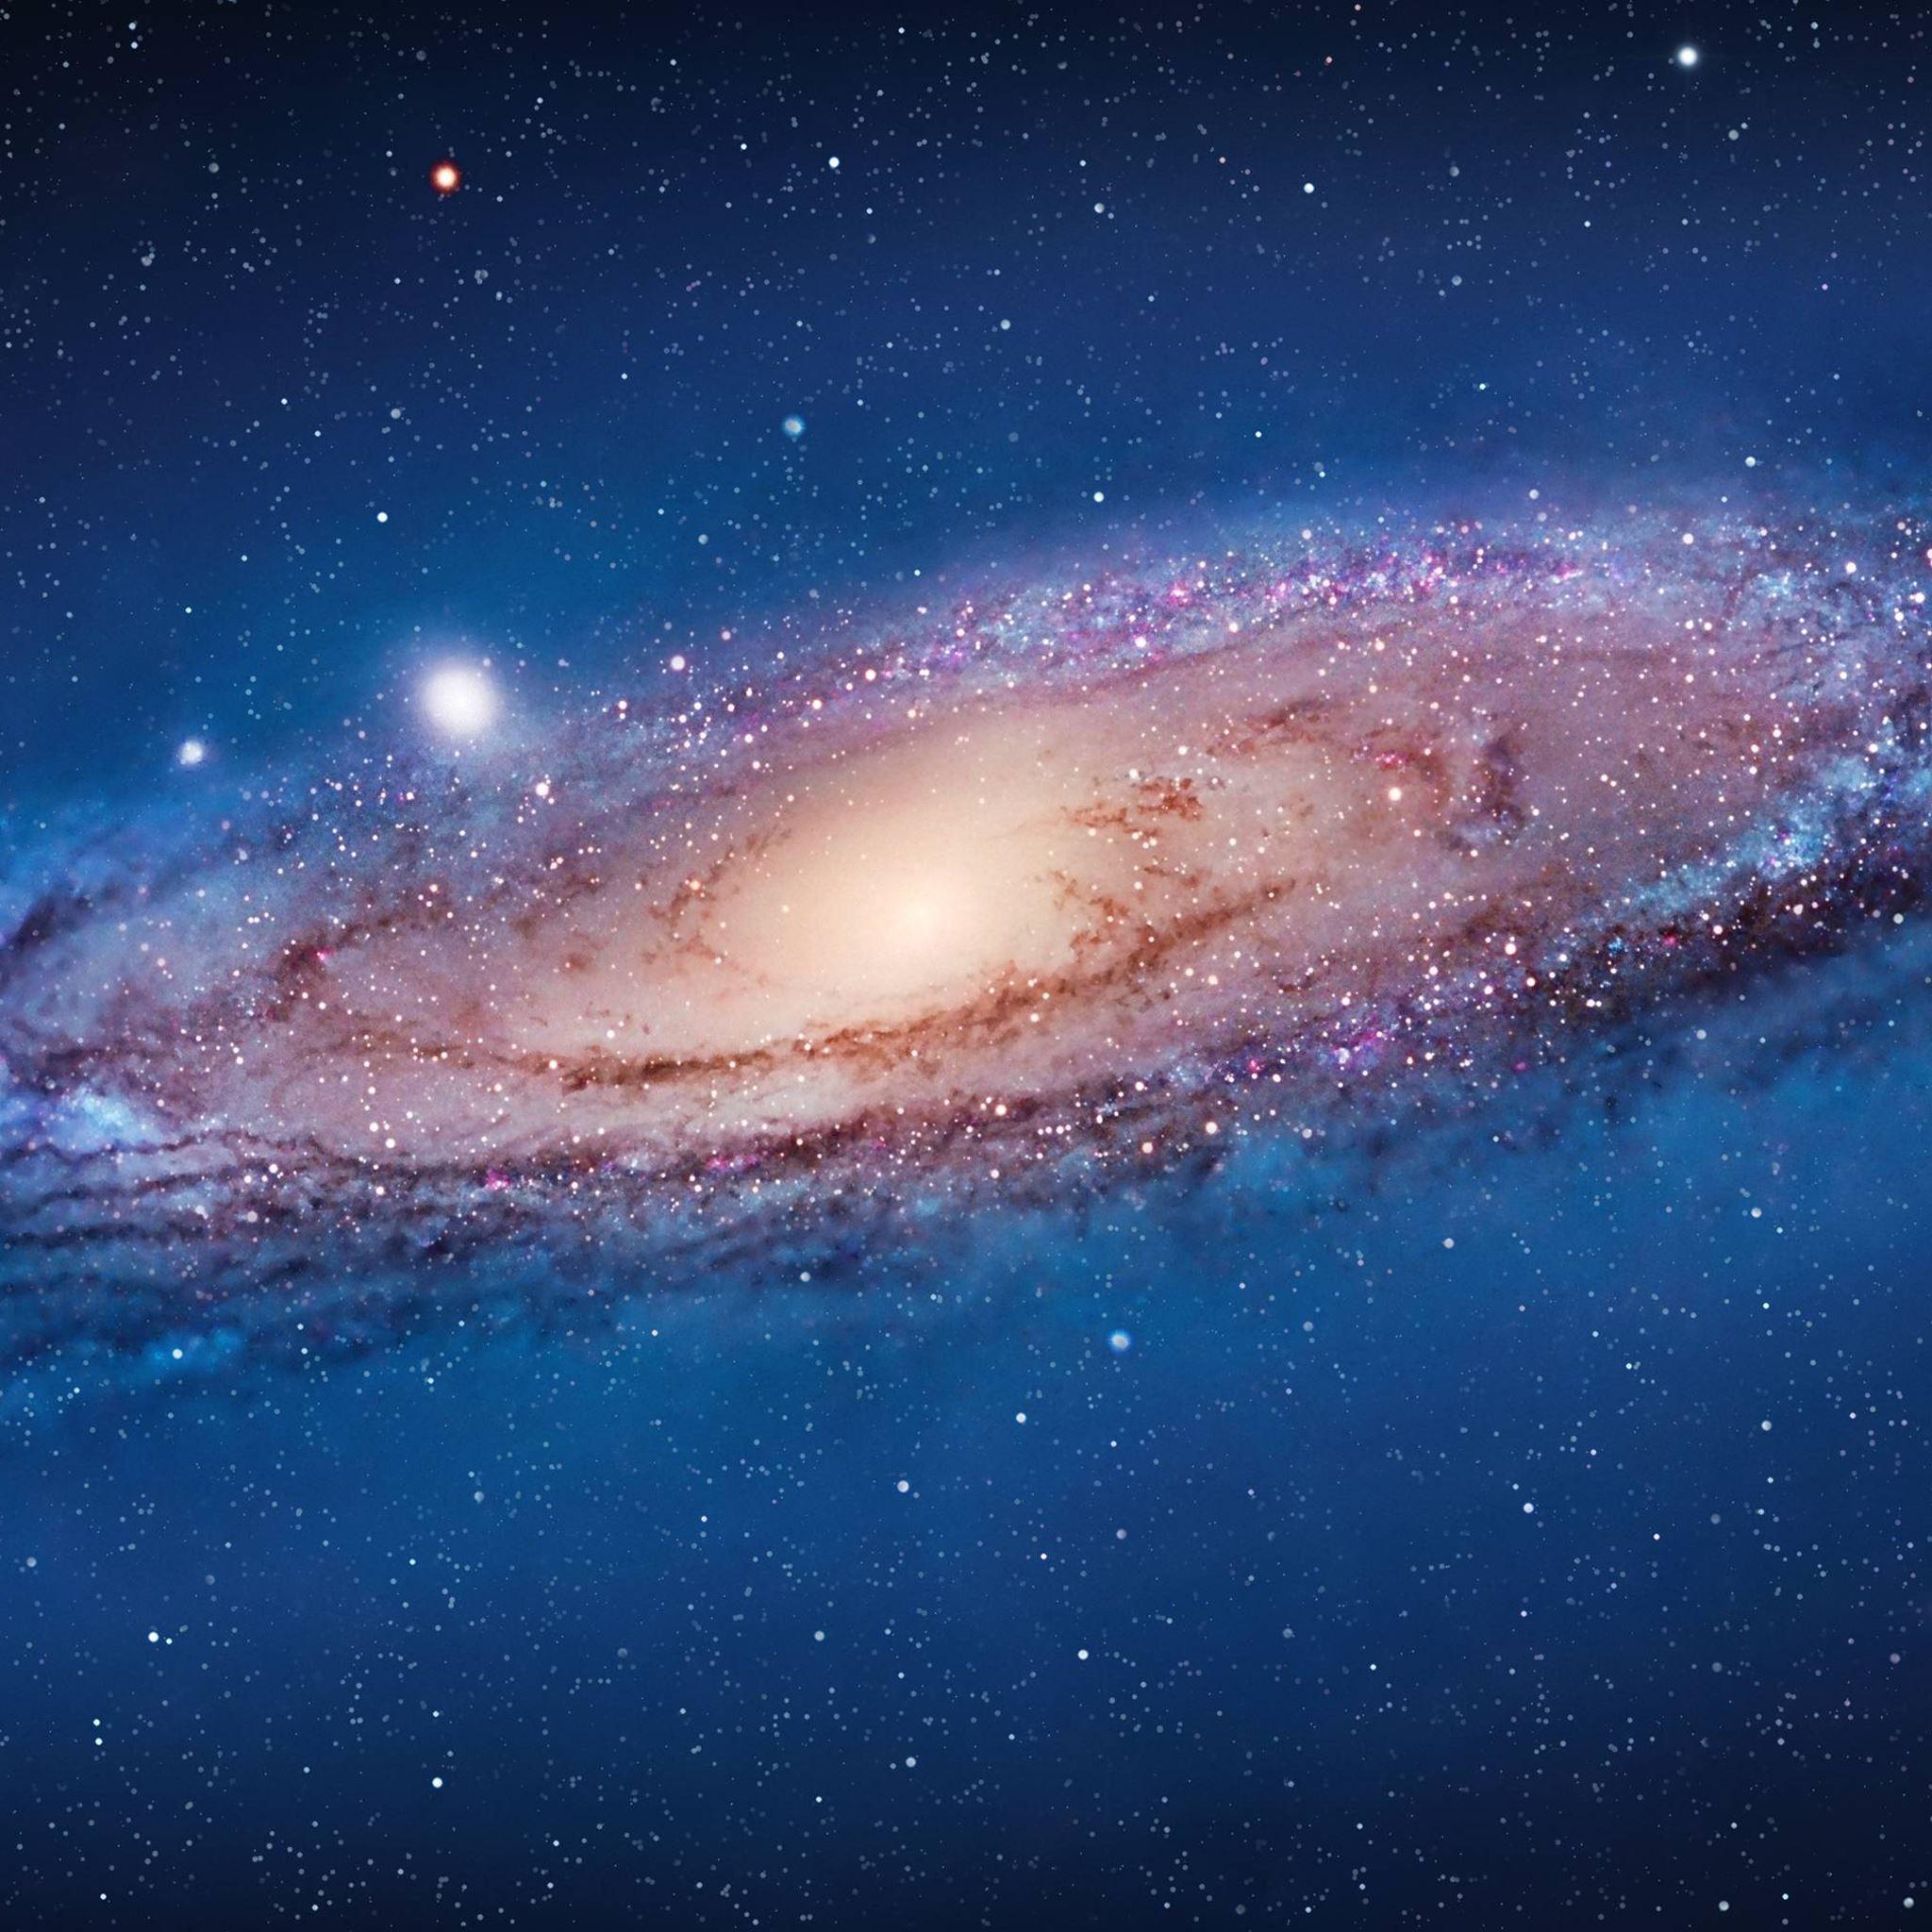 Andromeda Galaxy Ipad Air Wallpapers Free Download